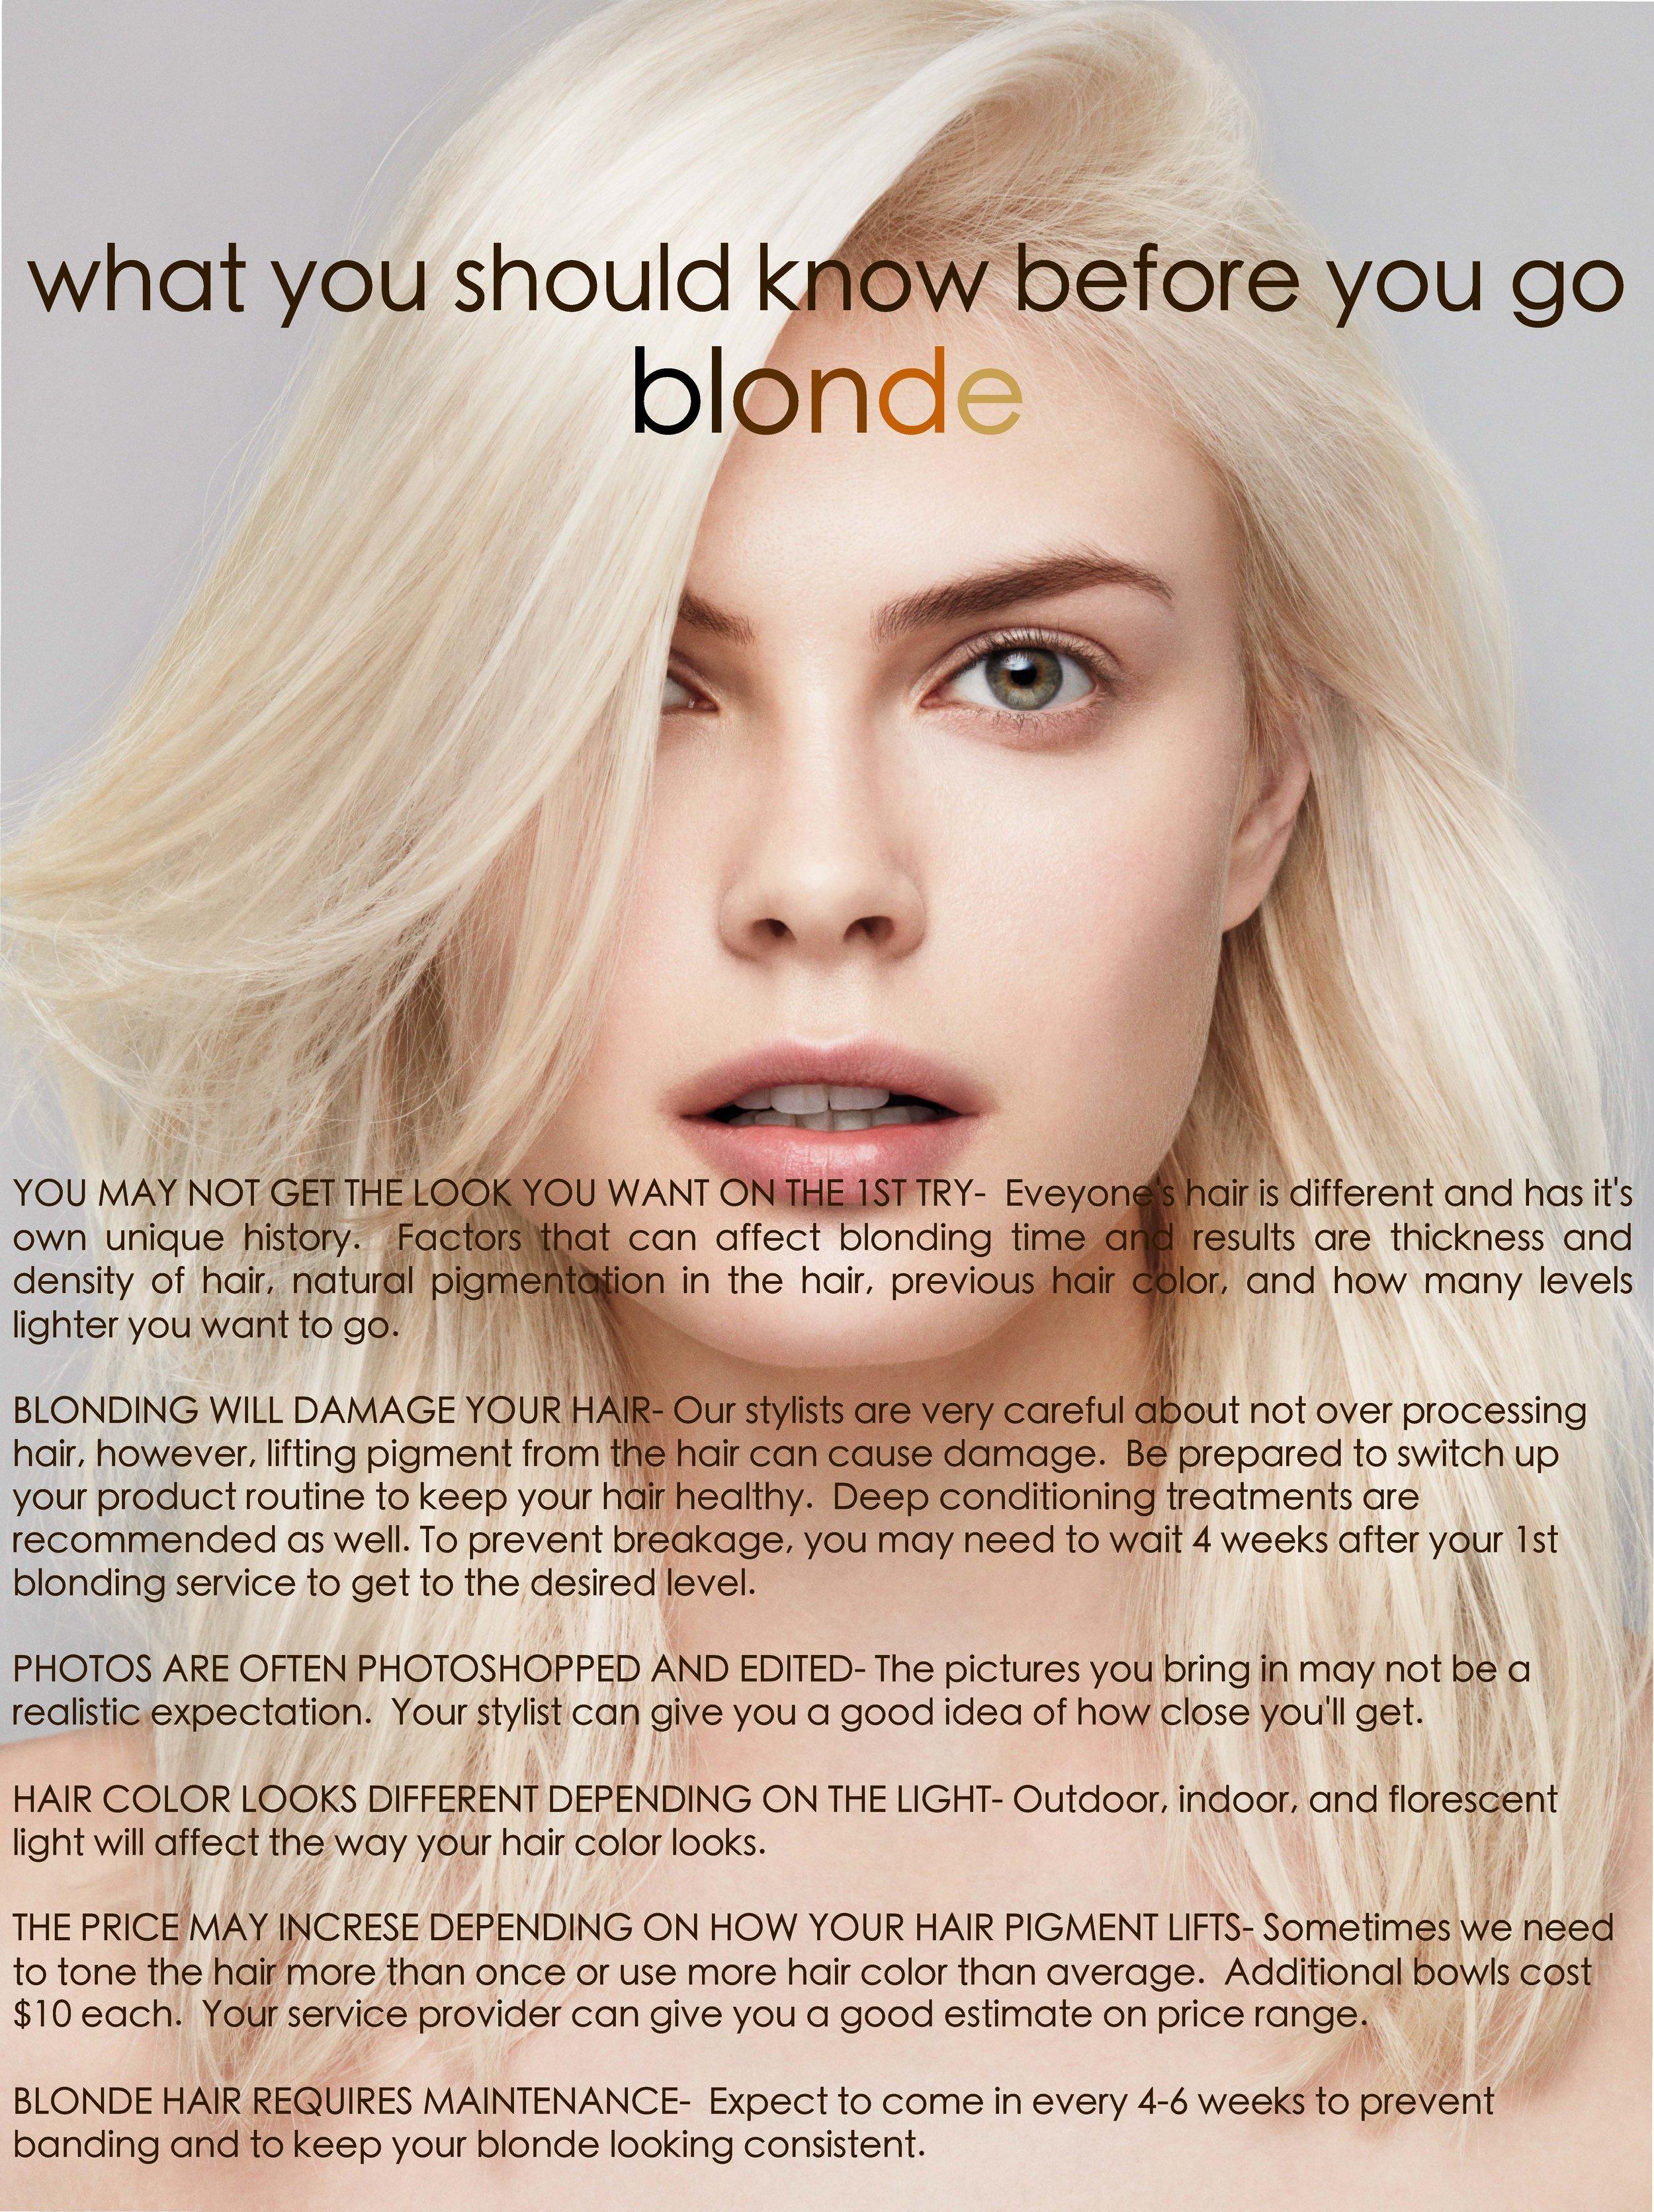 blonding.jpg